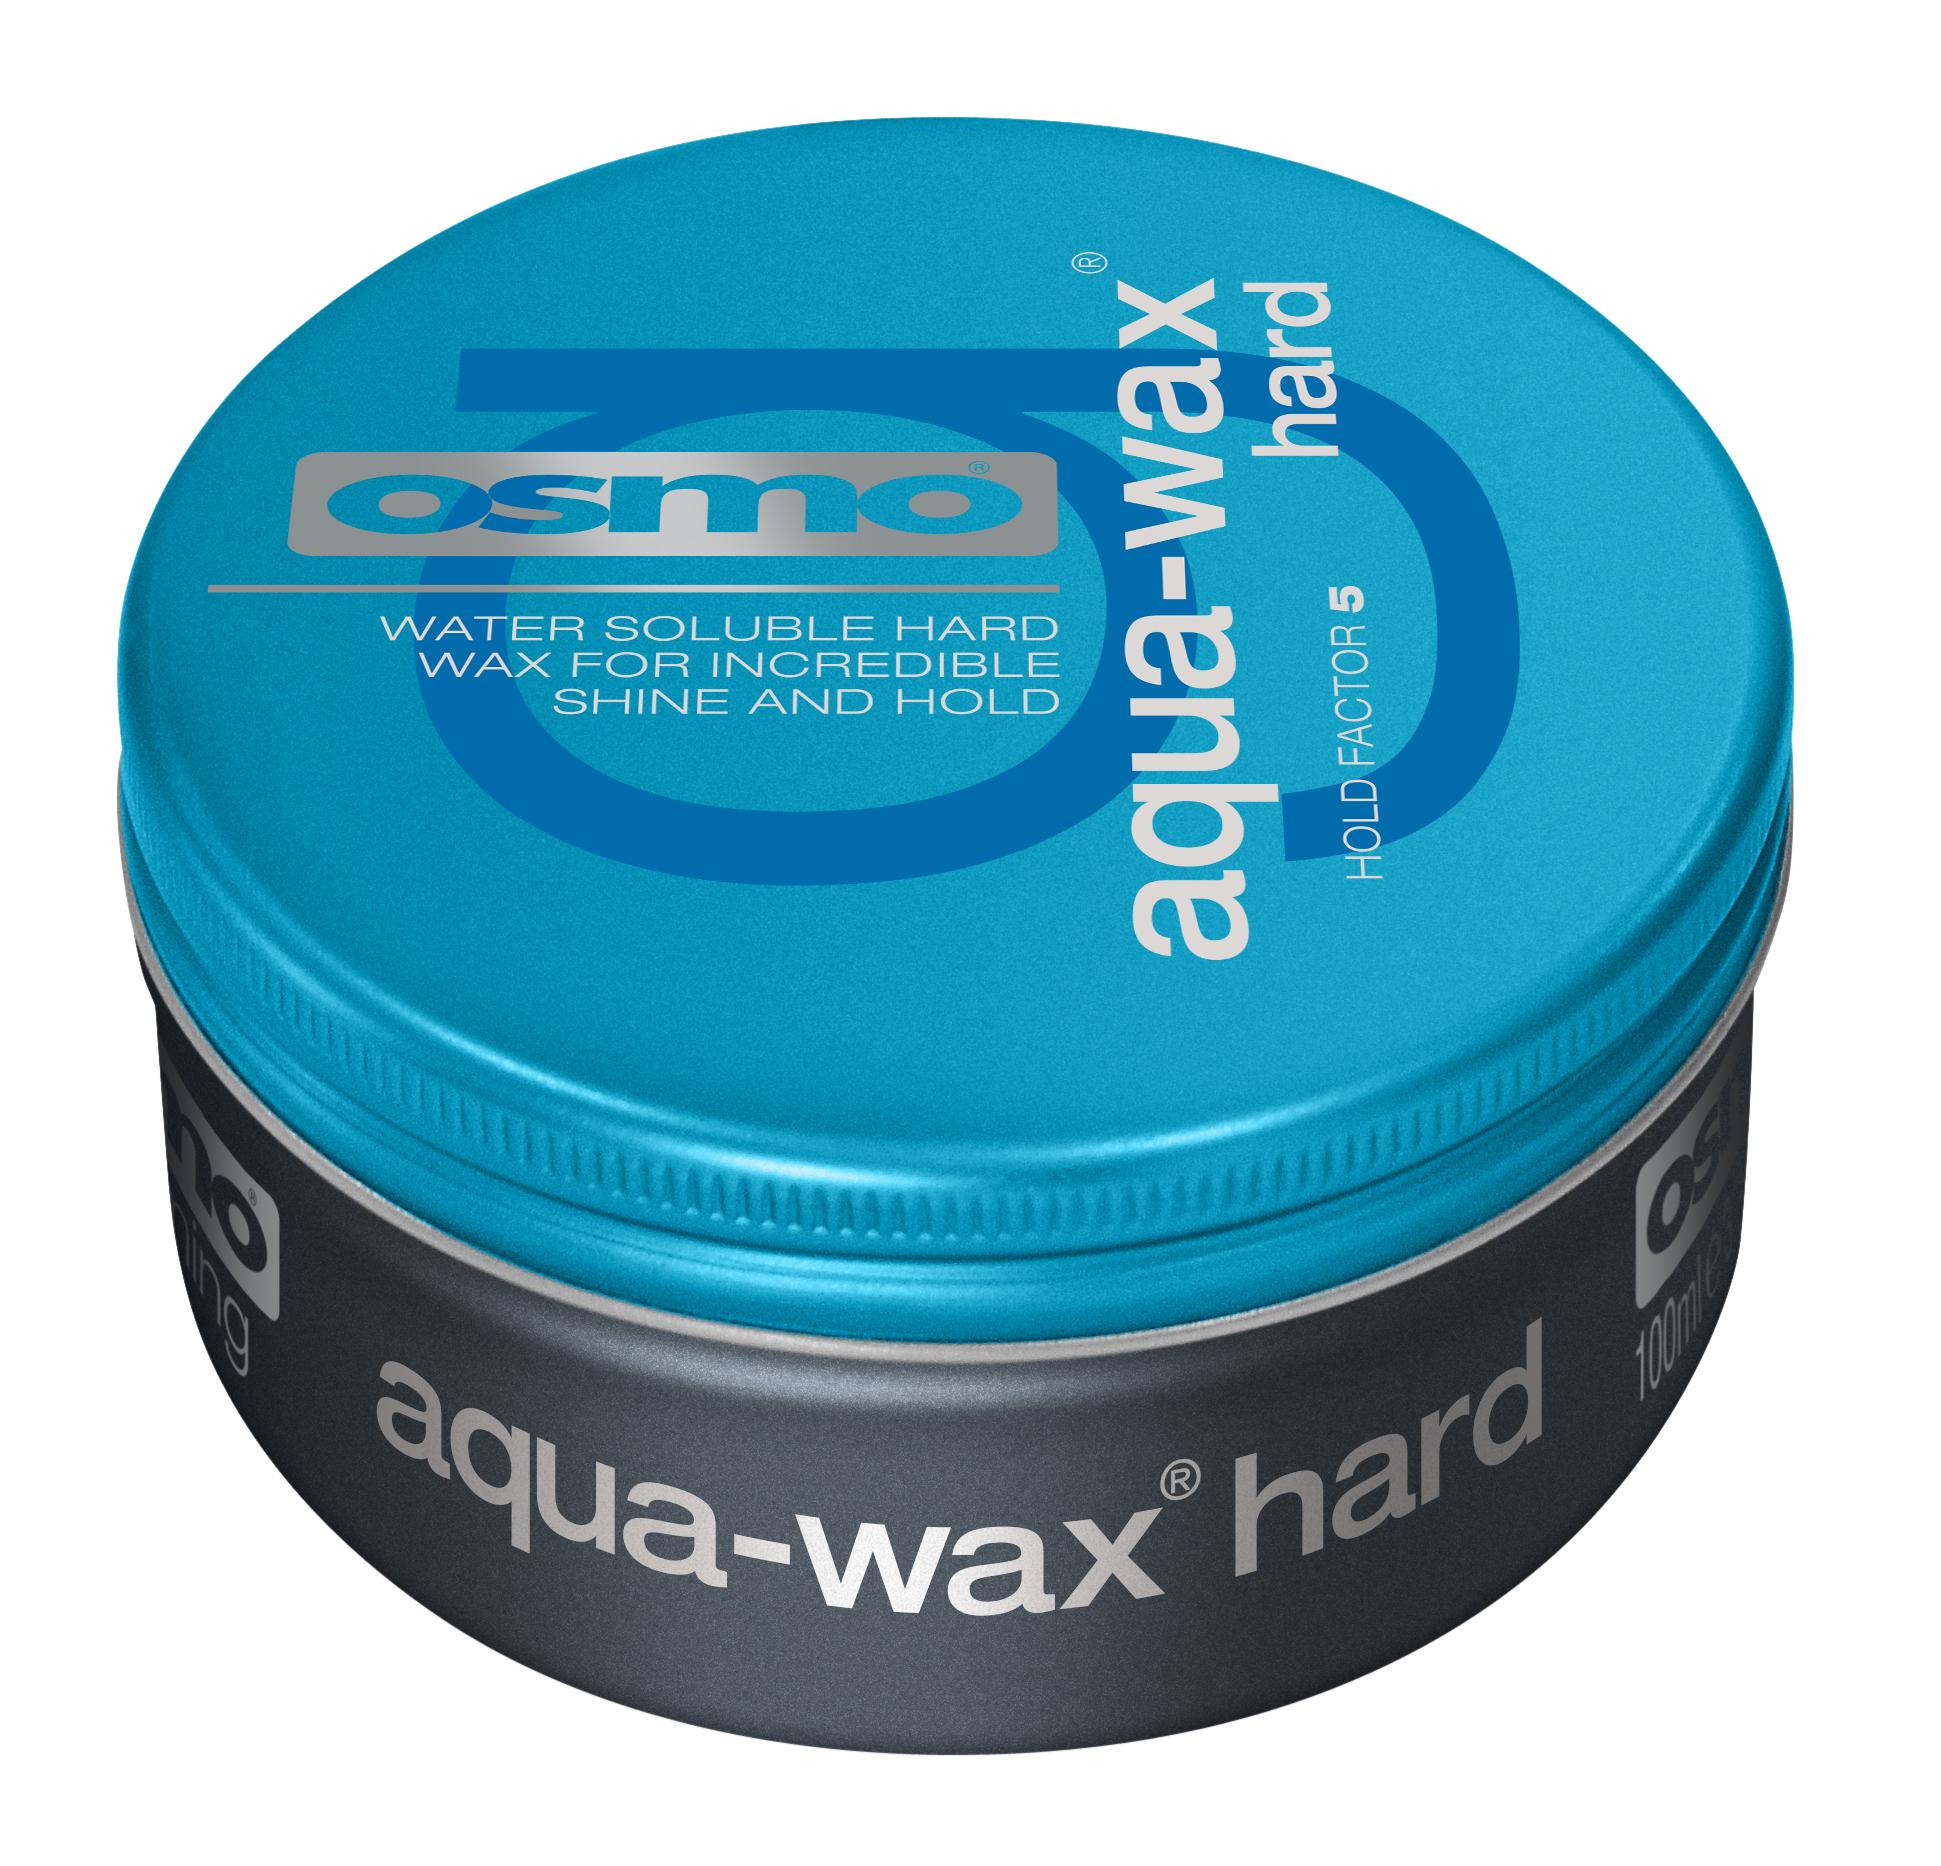 OSMO Гель-воск с эффектом мокрых волос, степень фиксации 4 / Aqua-Wax Hard 100 мл